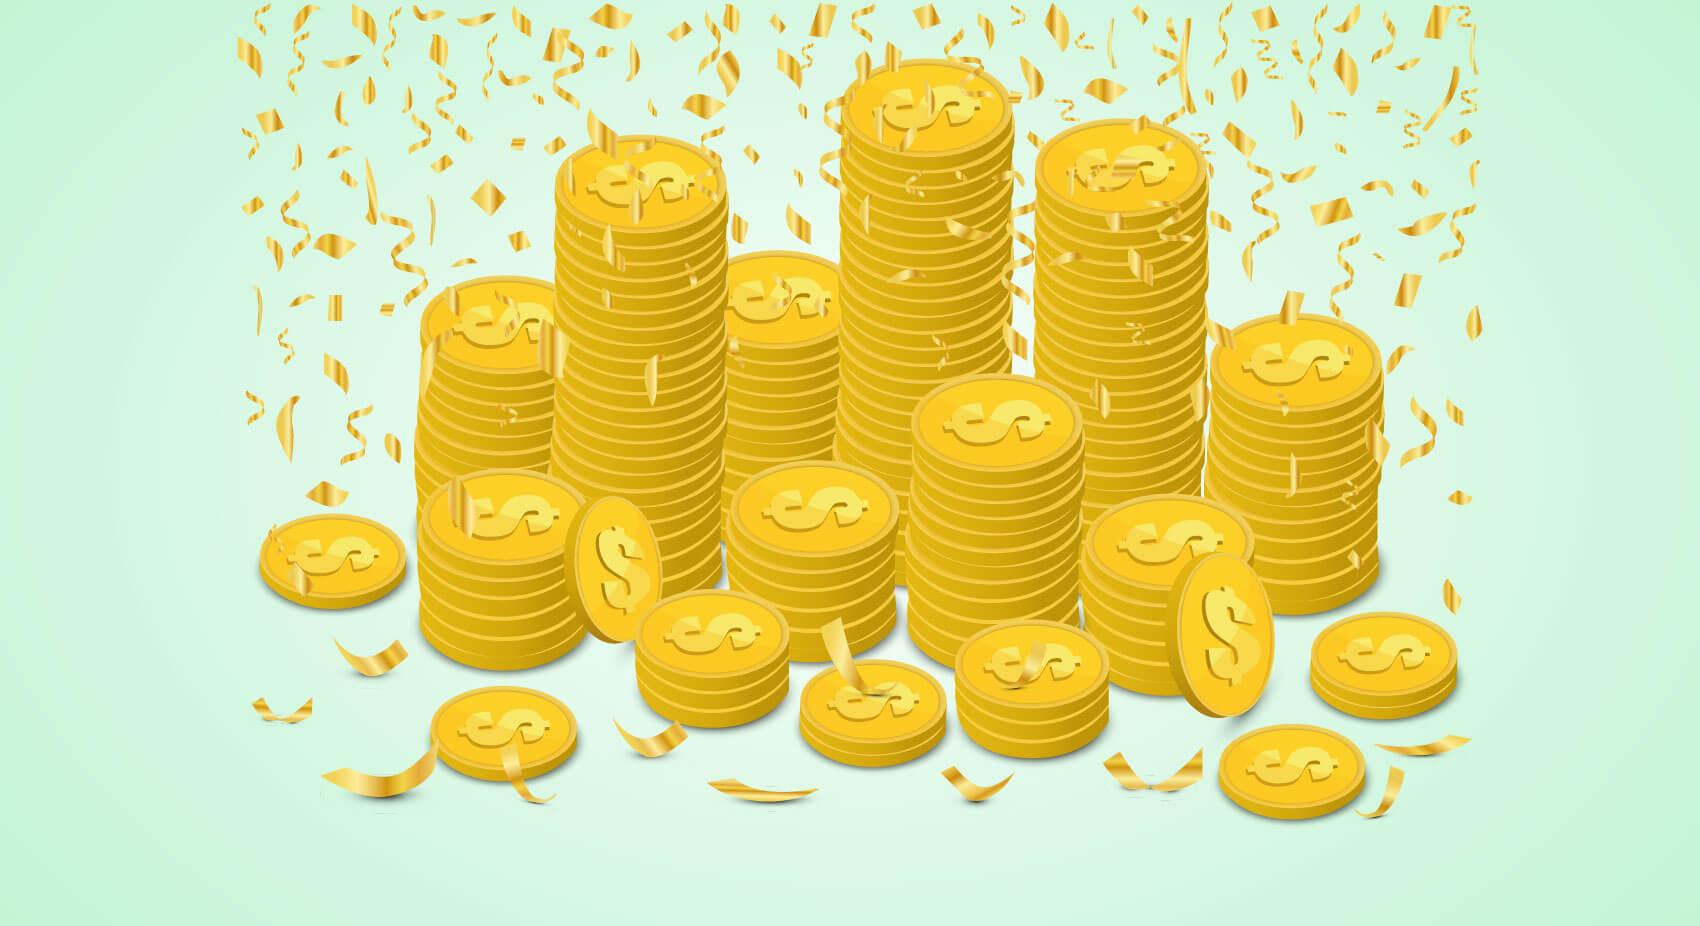 Быстрые займы в казахстане под 0 процентов